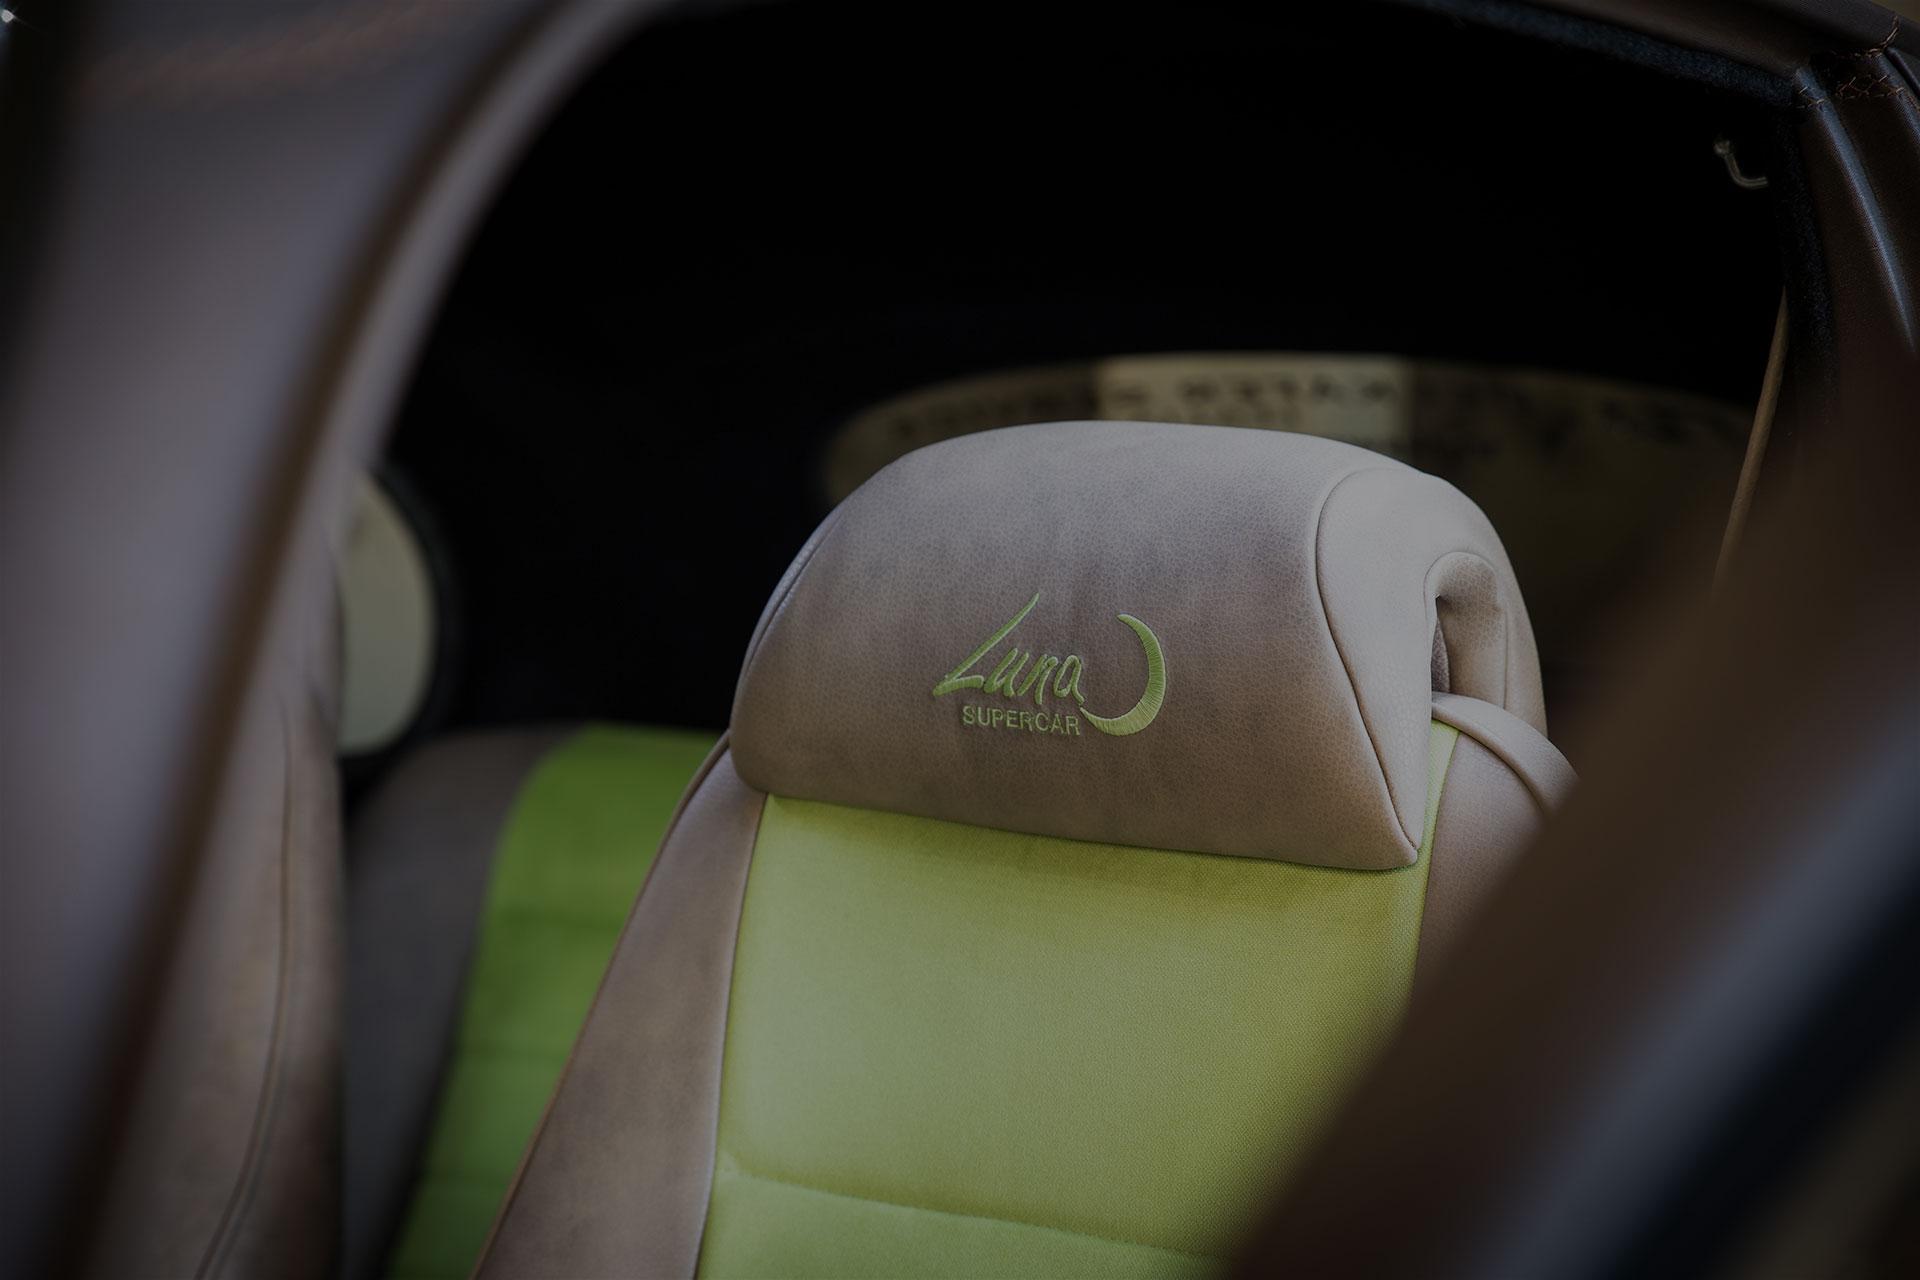 maggiolino-----Eco-LeatherBug-luna-supercar-tappezzeria-auto-moto-poggibonsi